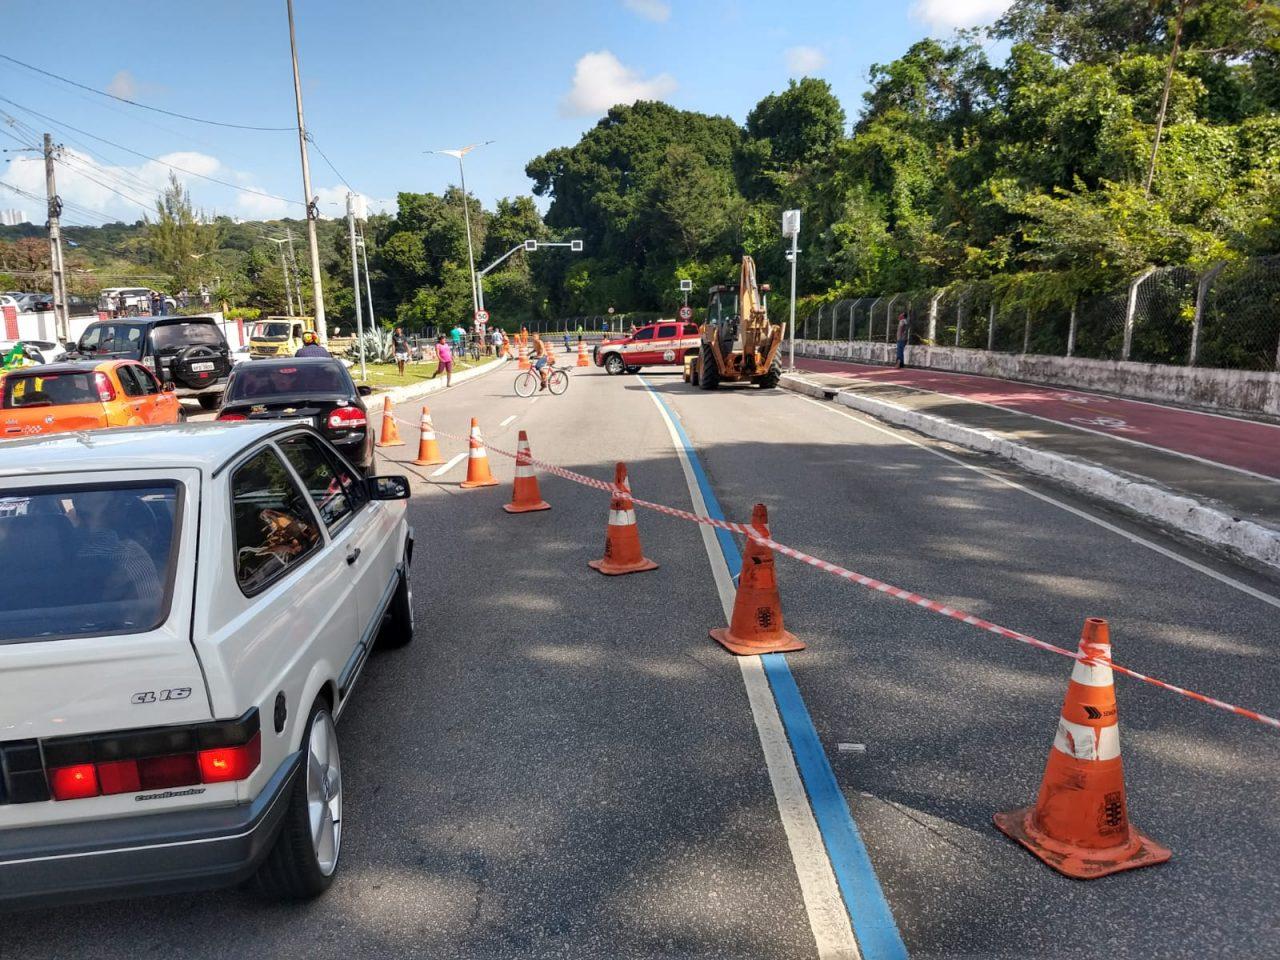 WhatsApp Image 2021 09 03 at 14.12.14 scaled - Confira momento em que cratera se abre na Pedro II; via ficará interditada para recuperação - VEJA VÍDEO